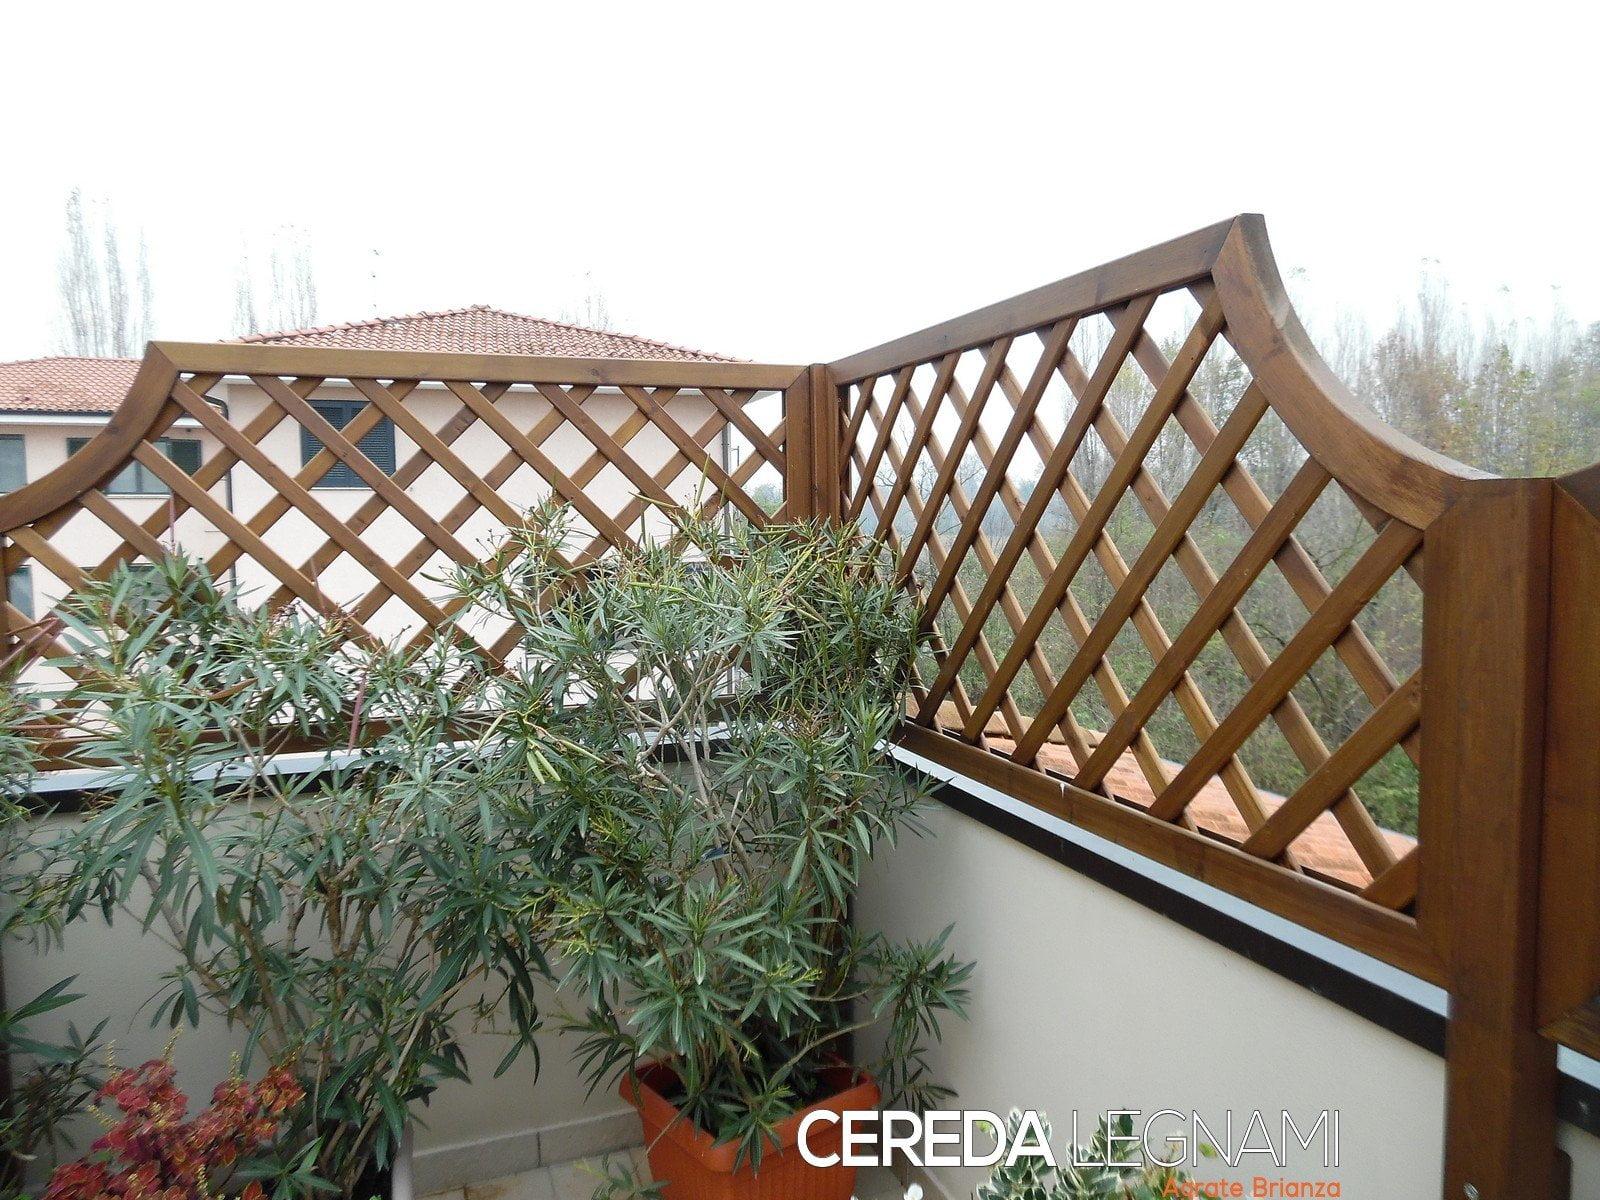 Grigliati per terrazzi cereda legnami agrate brianza - Pannelli divisori giardino ...